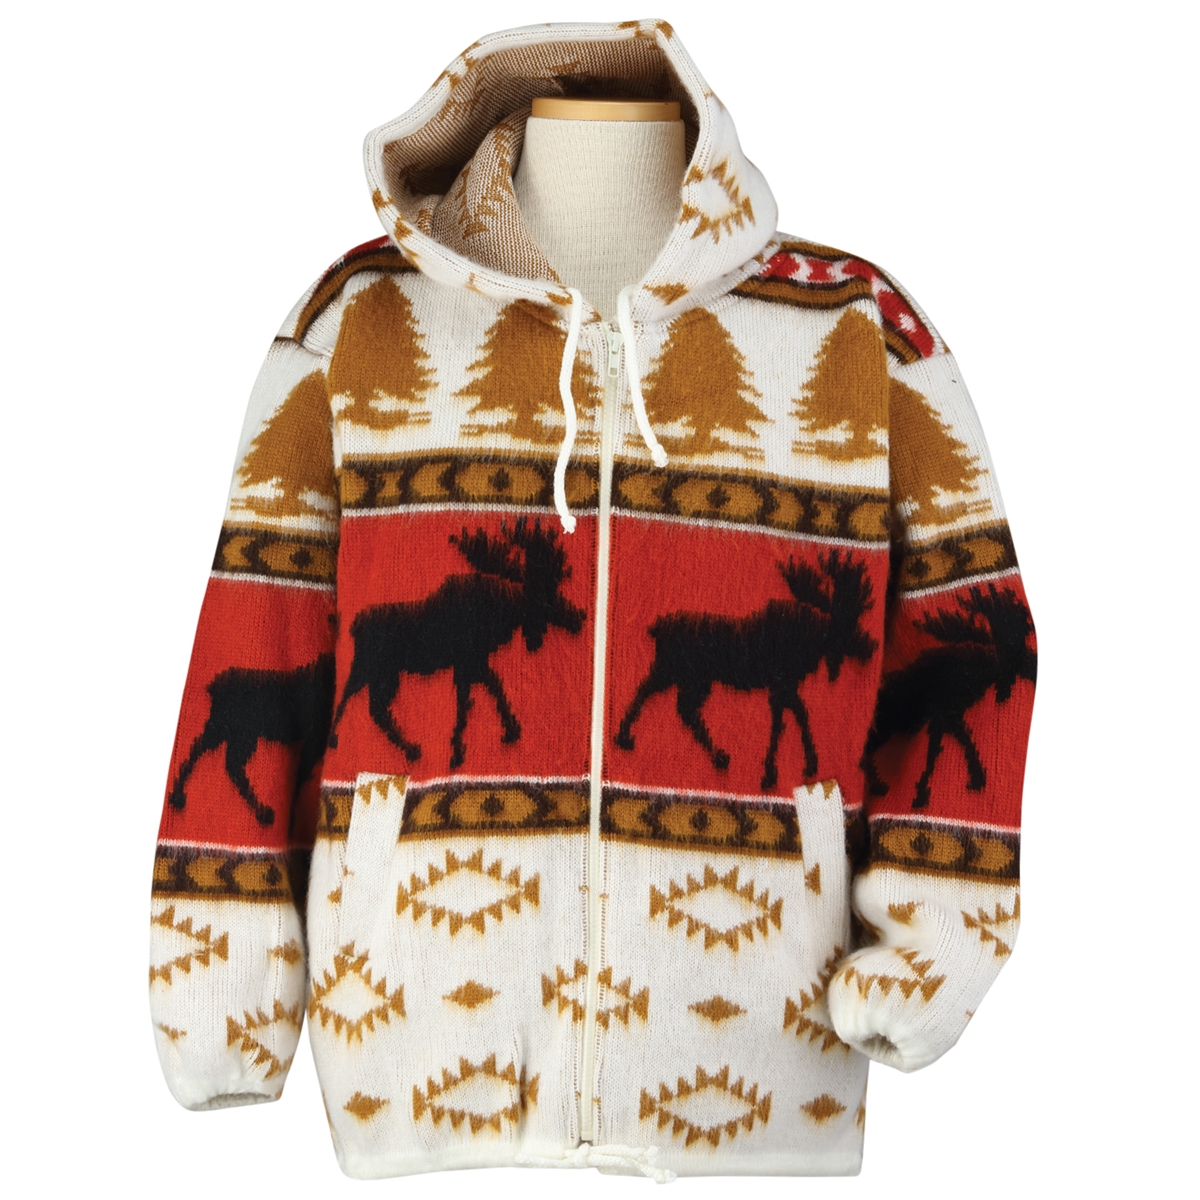 Moose Forest Jacket